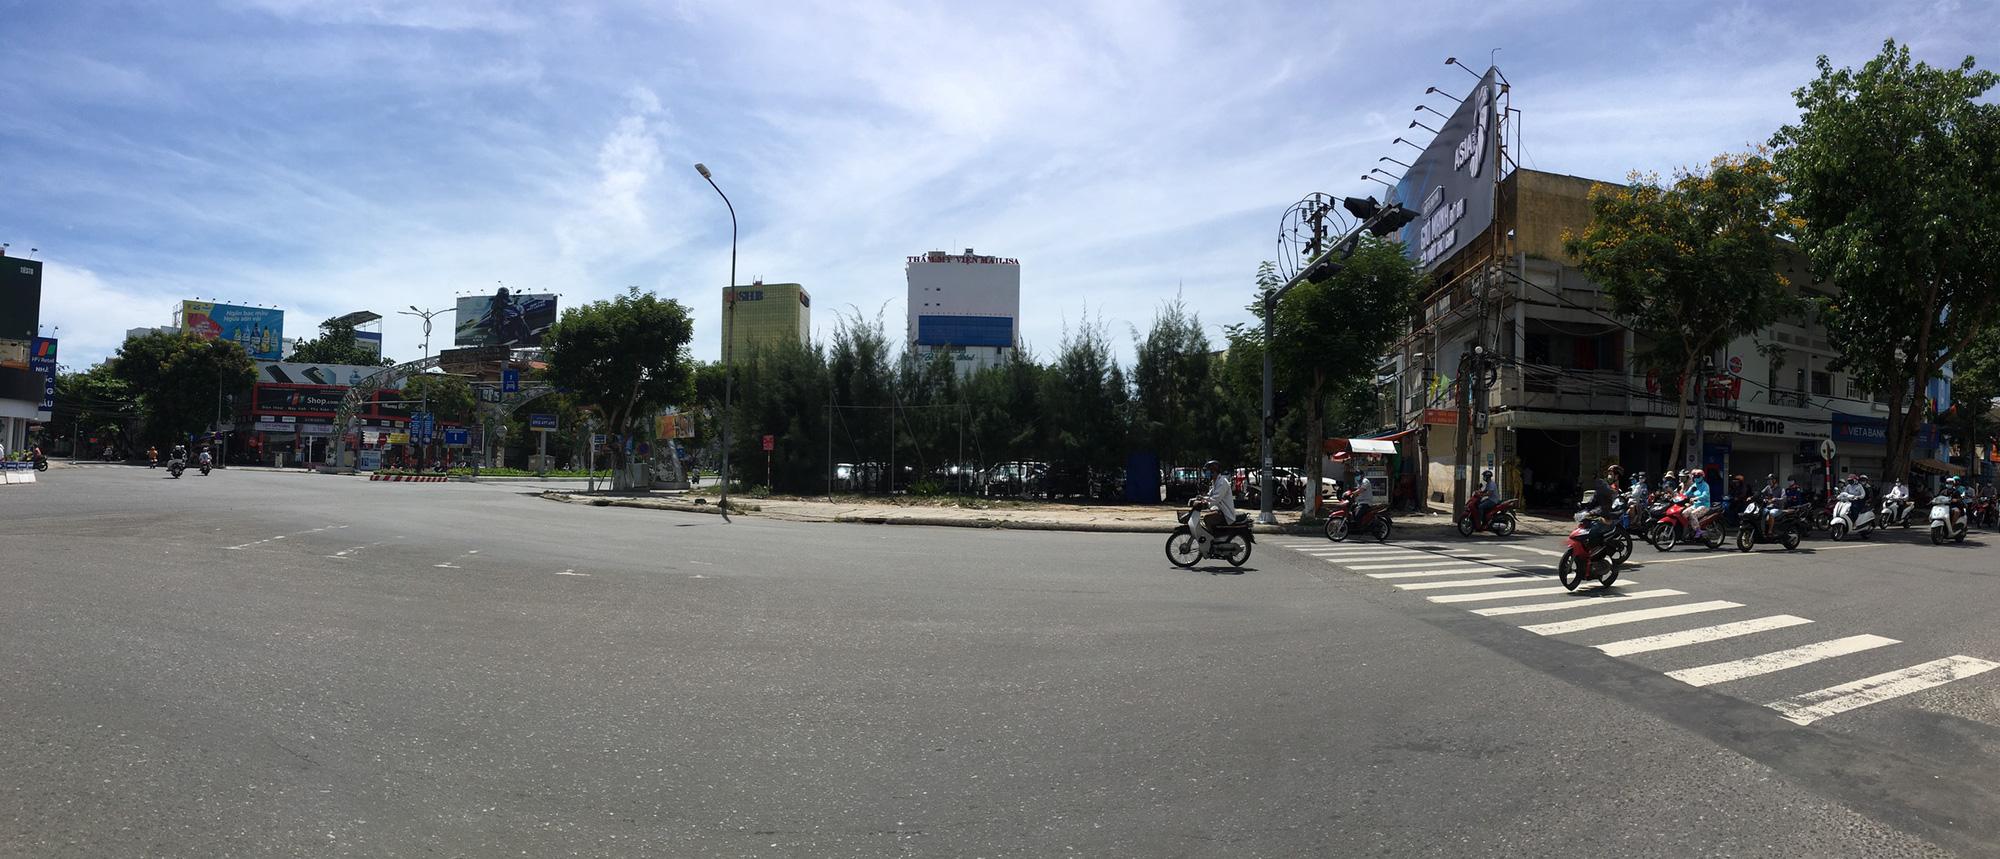 Cận cảnh hai khu đất gần cầu Rồng, Đà Nẵng sẽ đấu giá làm bãi đỗ xe - Ảnh 2.